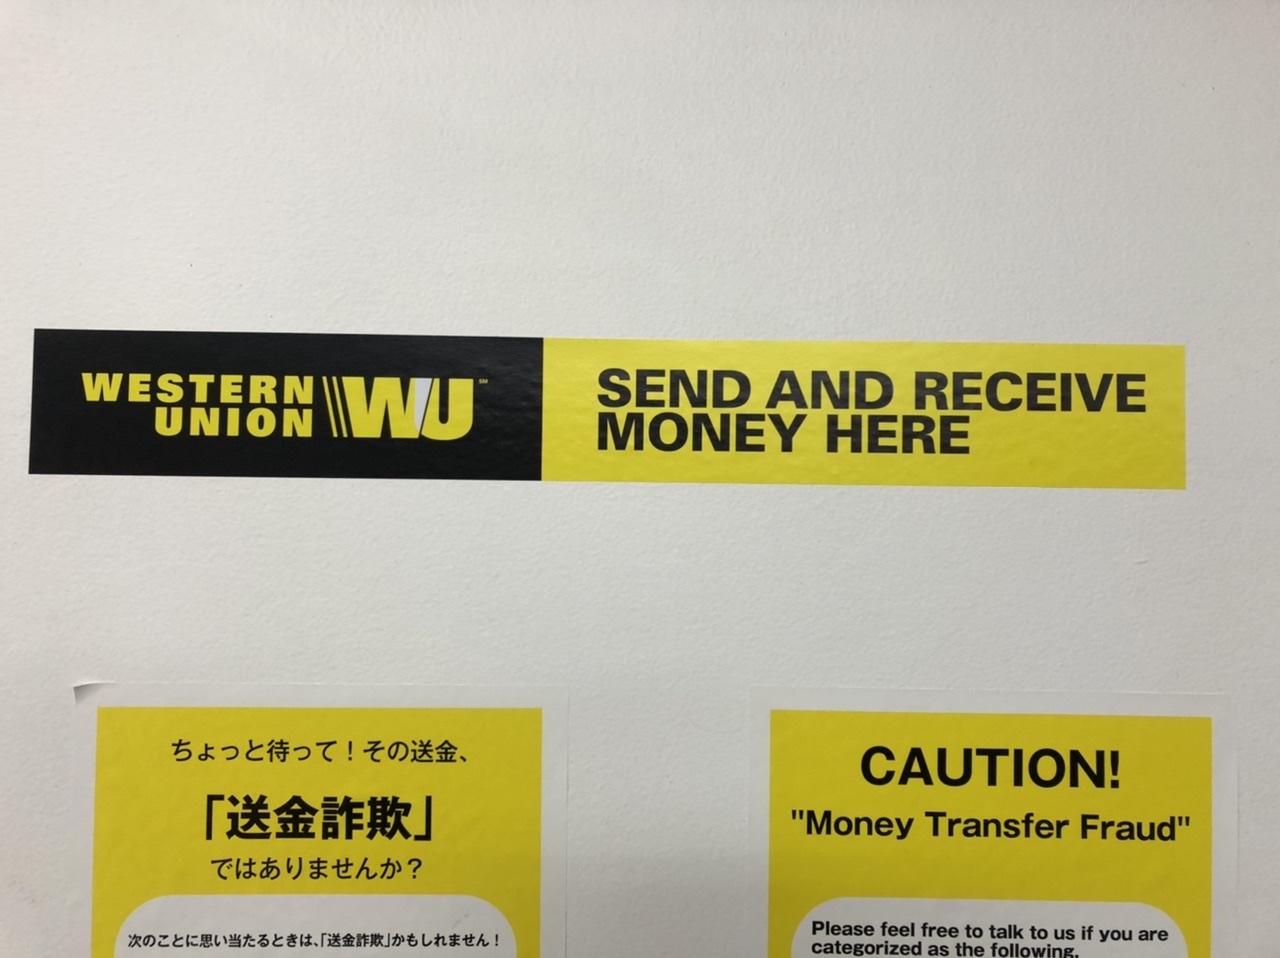 ウェスタンユニオンを利用した海外送金:コロンビア災害被害に12万円